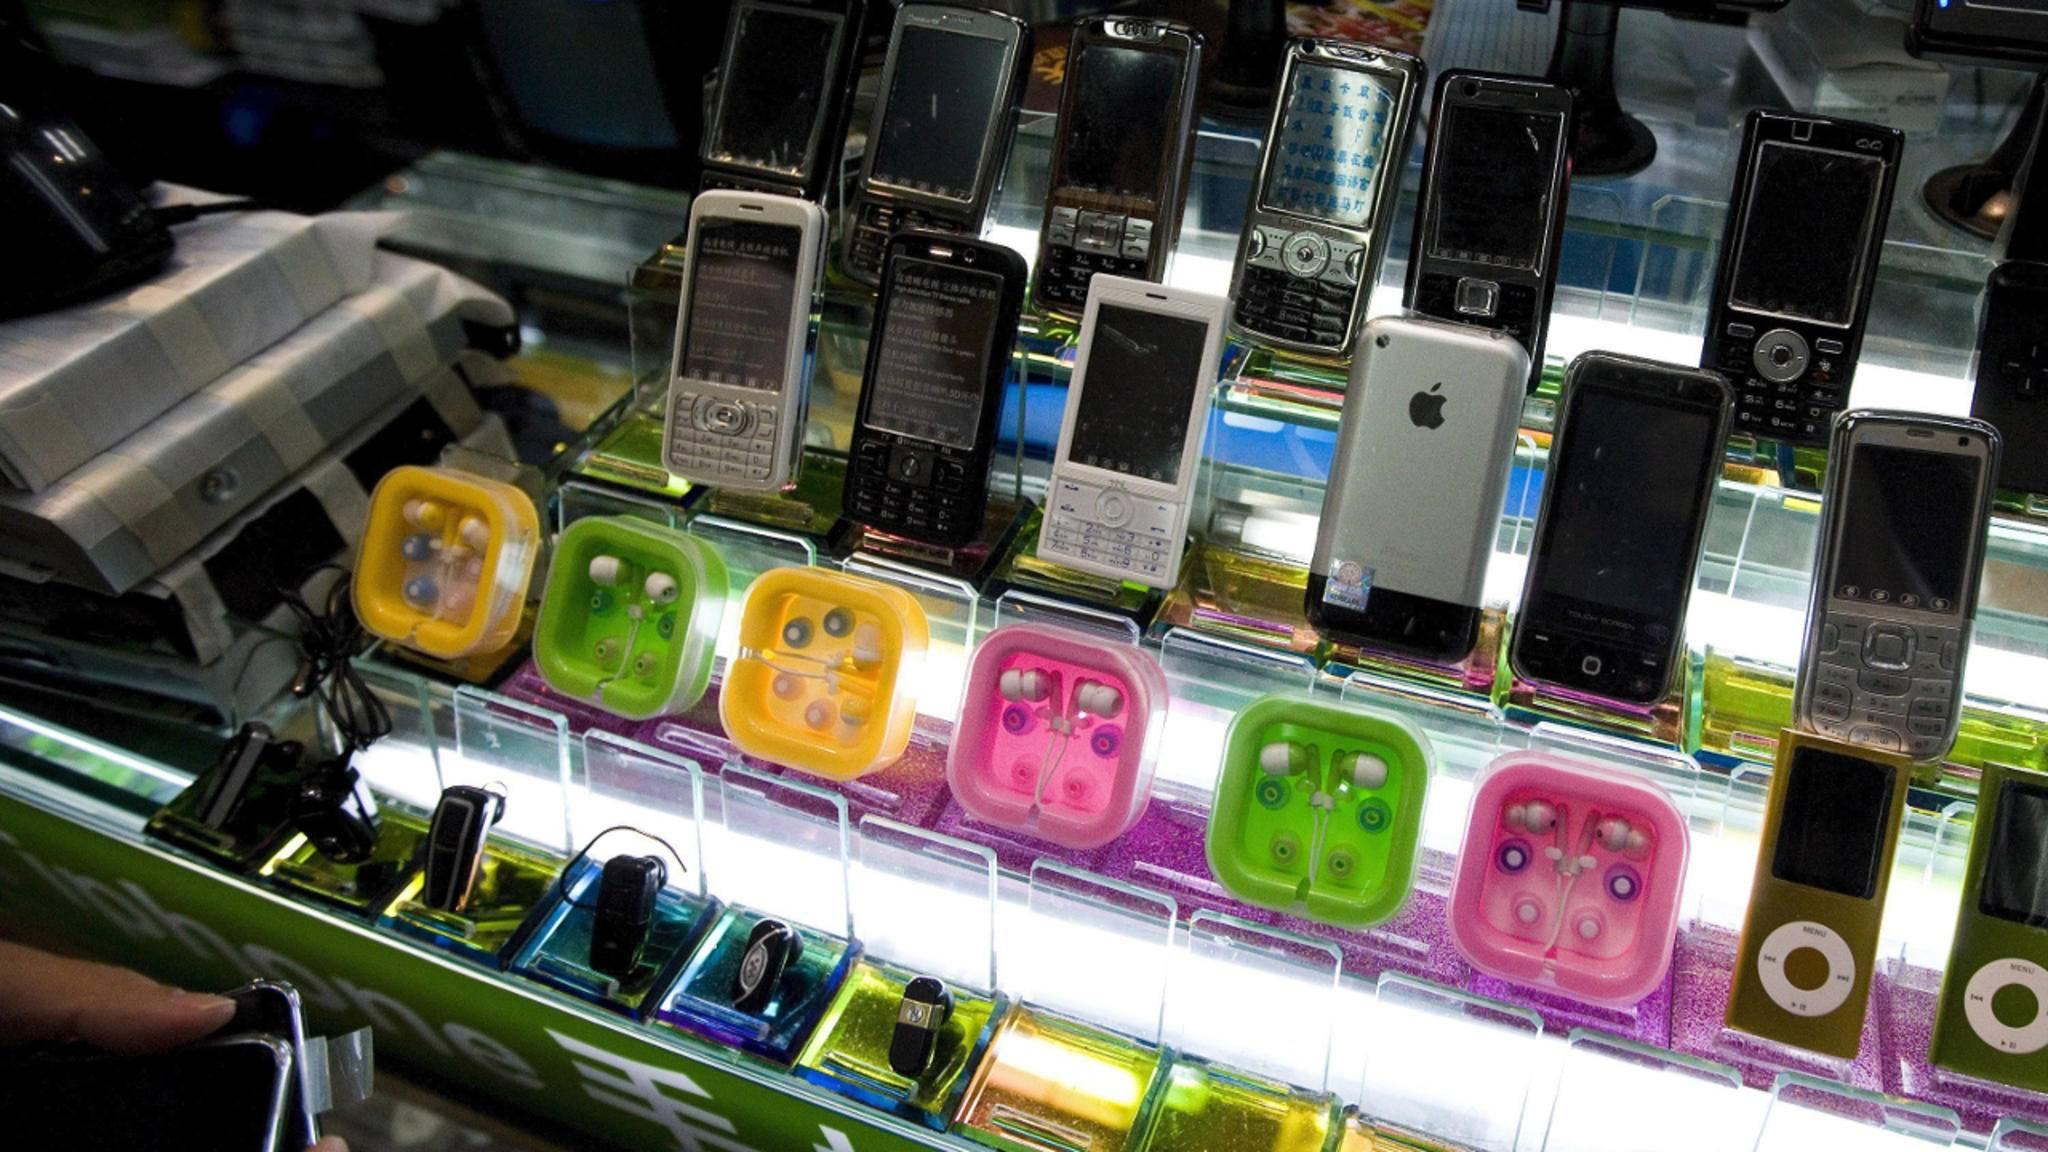 Echt oder Fake? Wir geben Dir Tipps für den Smartphone-Kauf.